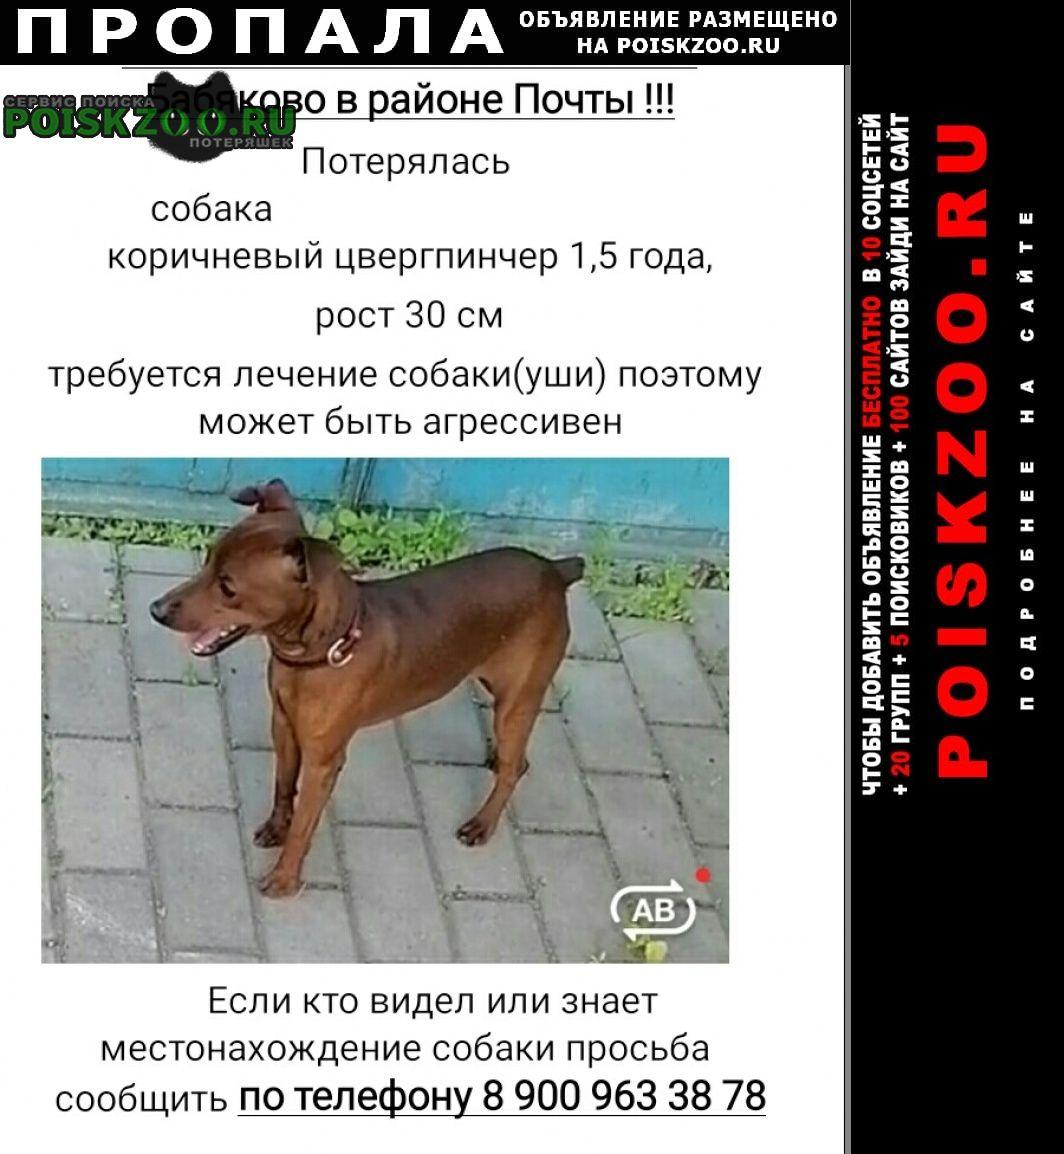 Воронеж Пропала собака кобель вознаграждение